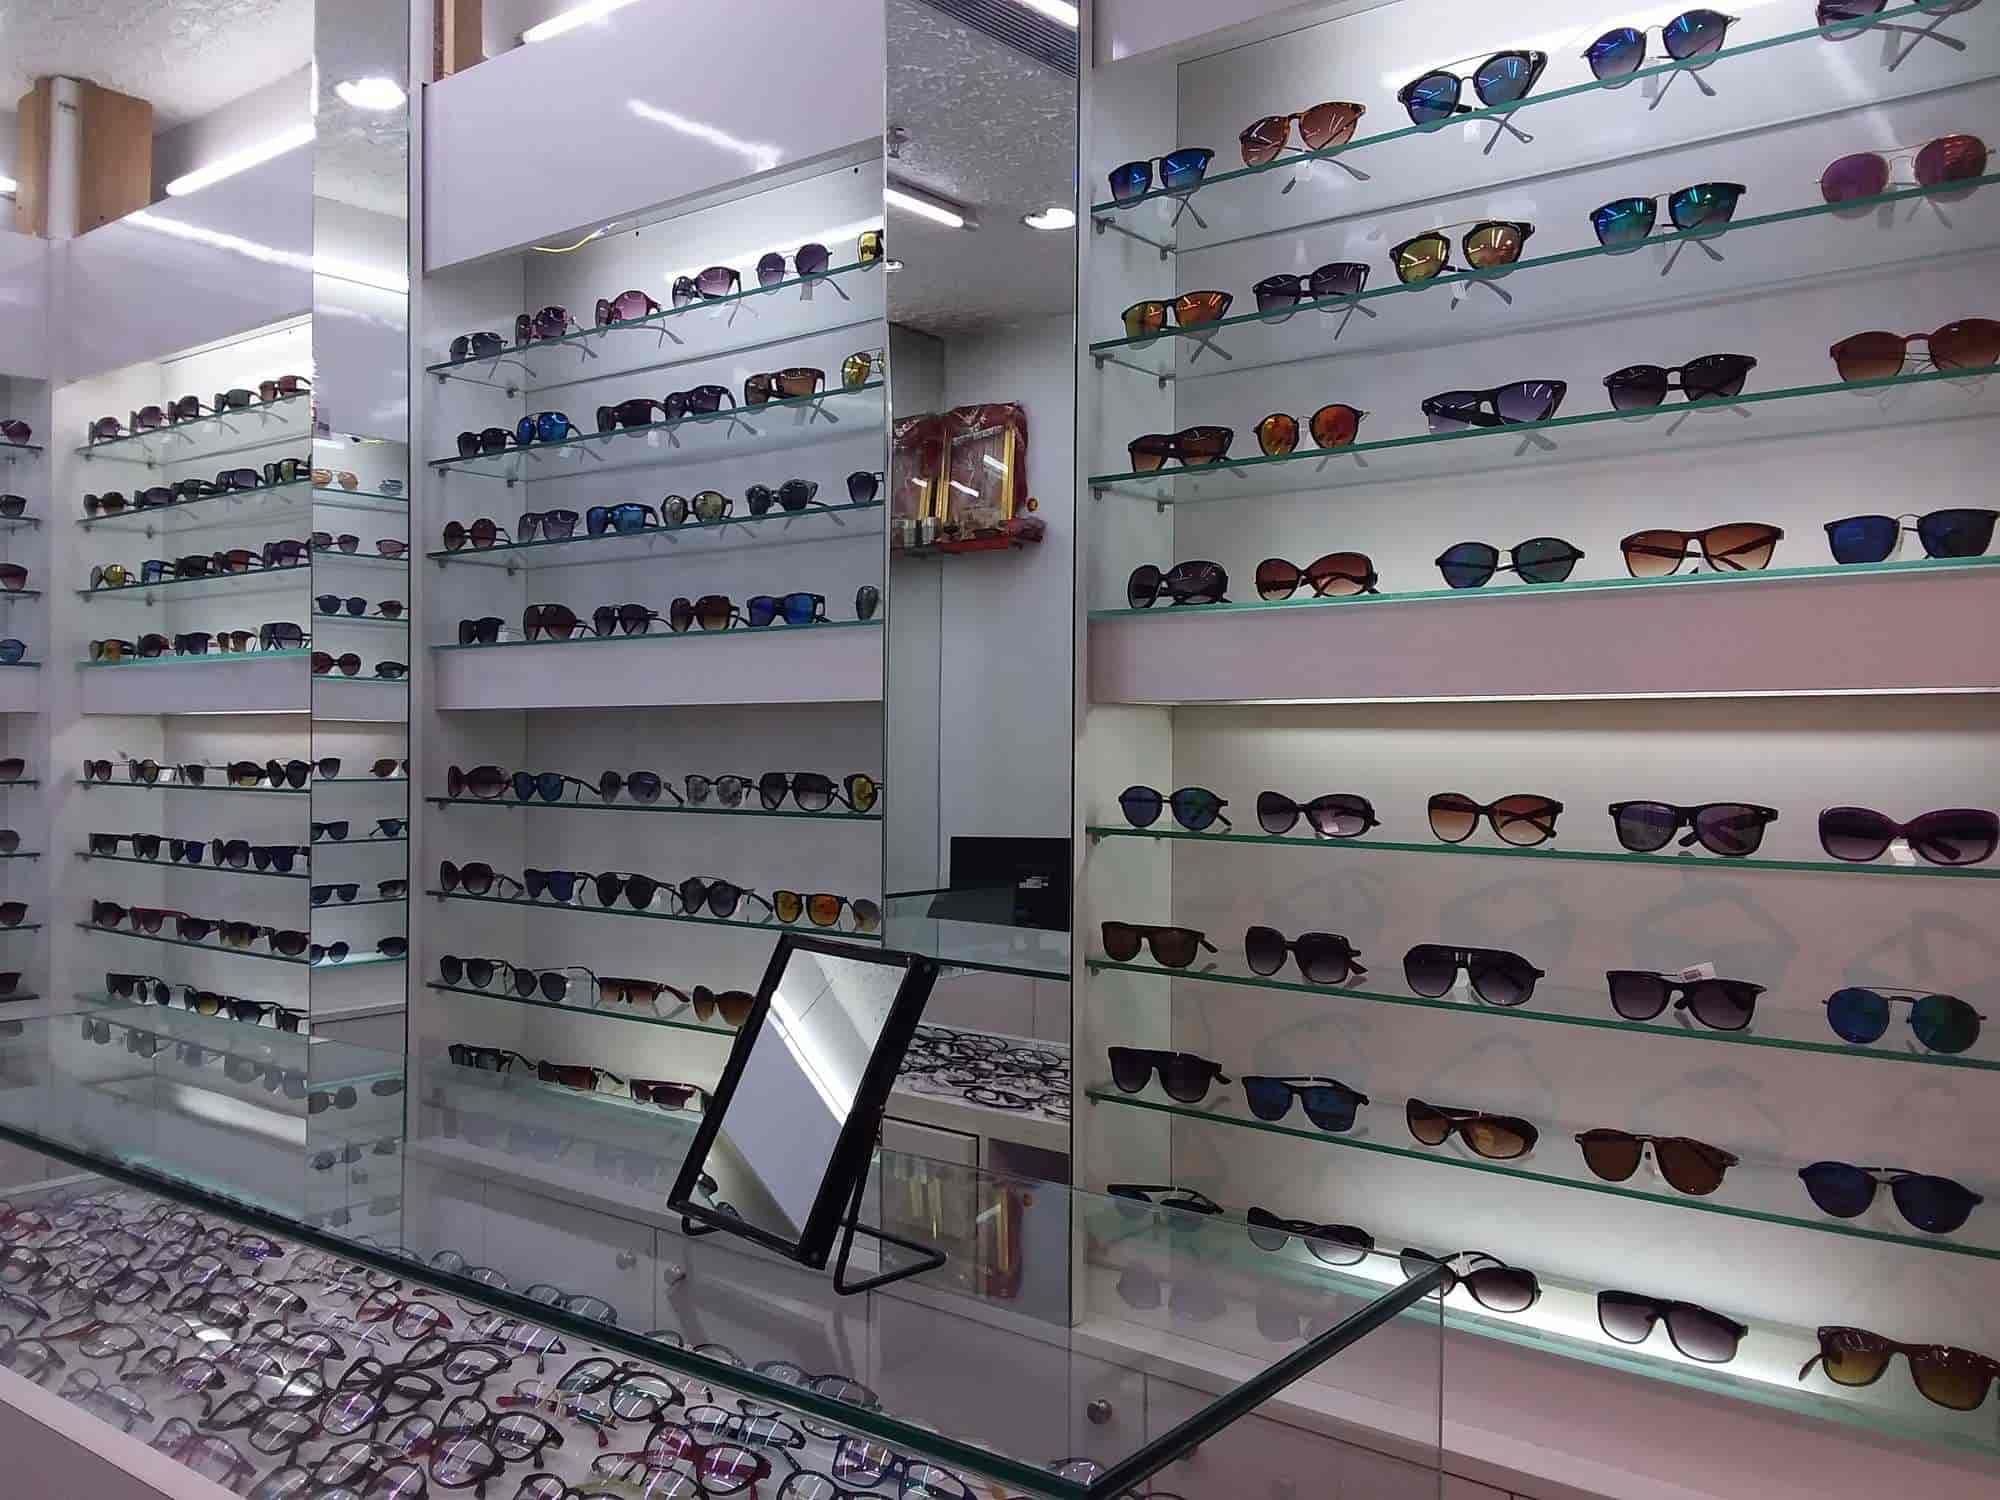 repair ray ban sunglasses near me